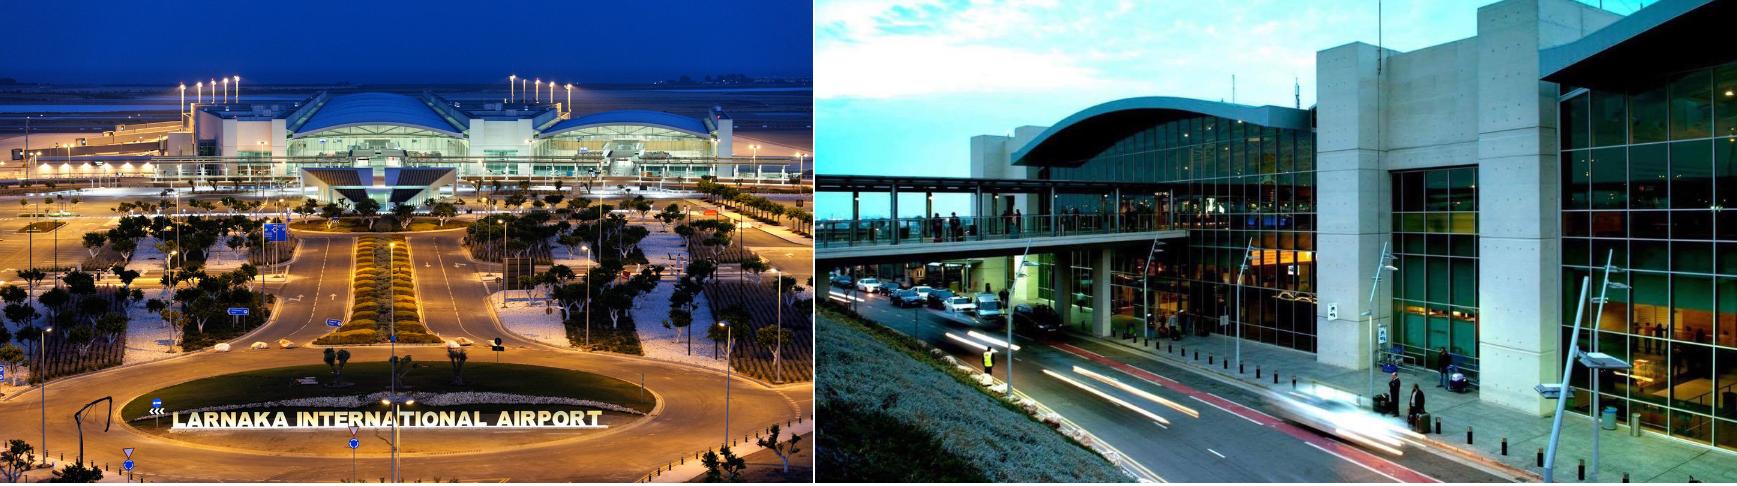 аэропорт Ларнака